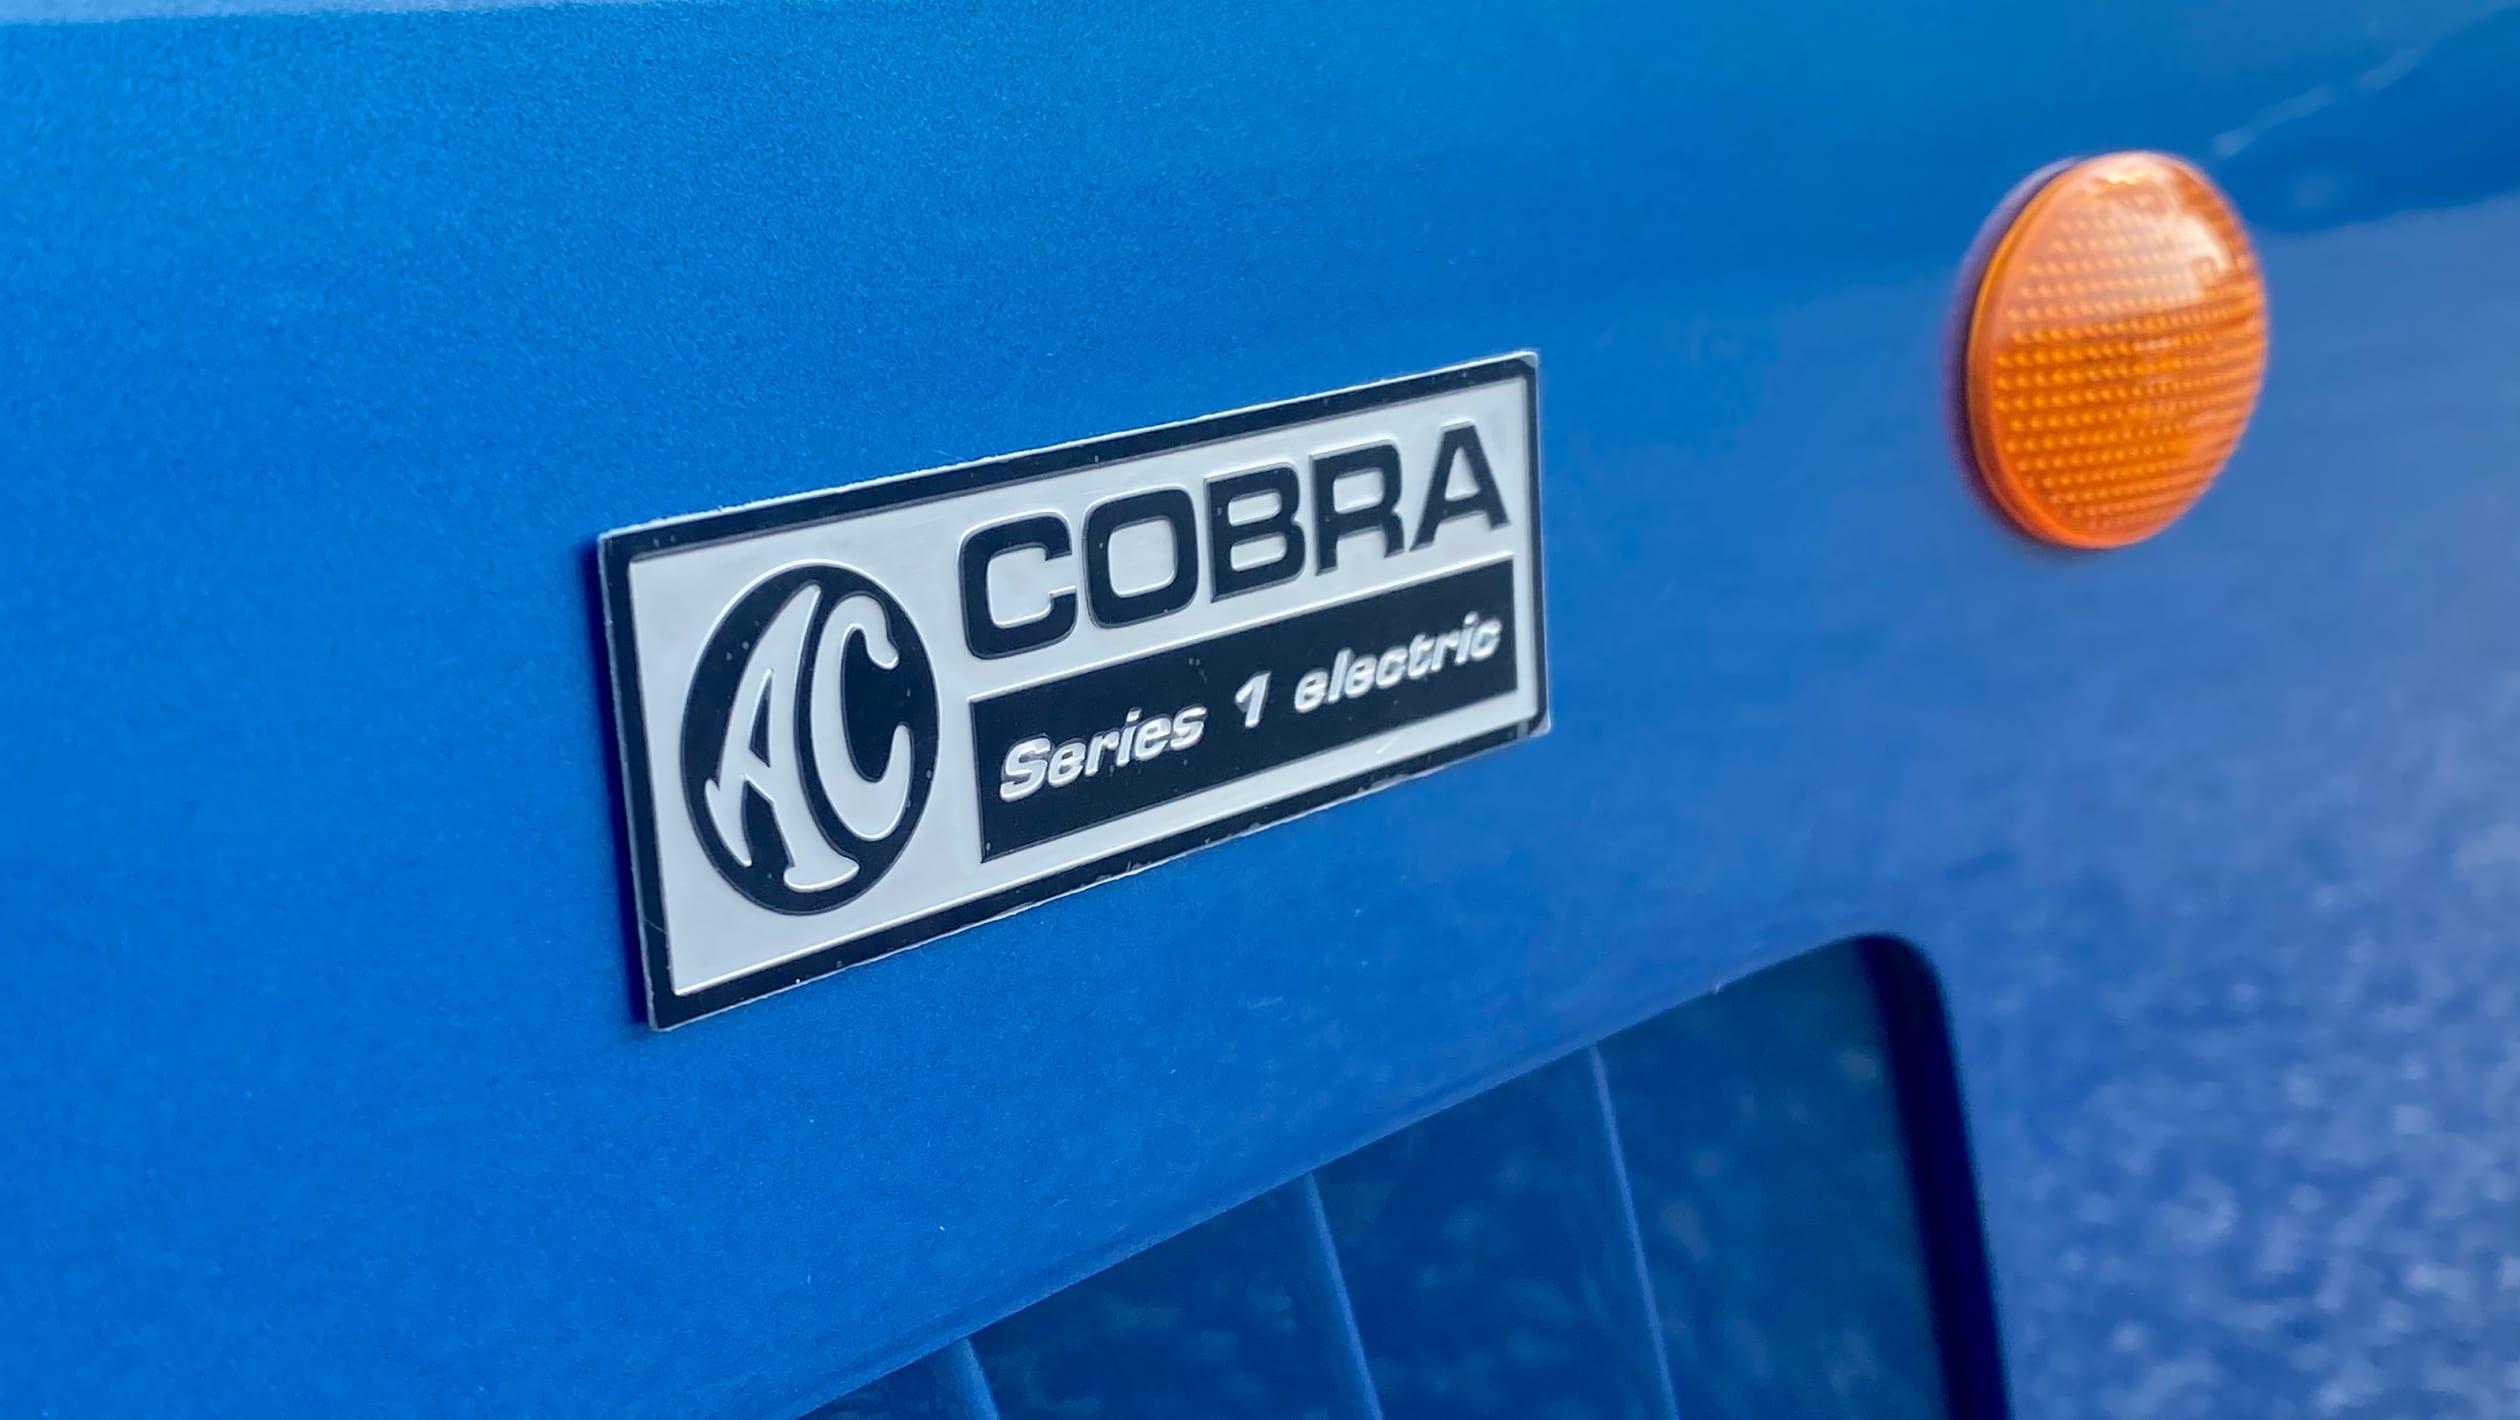 AC Cobra electric S1 2